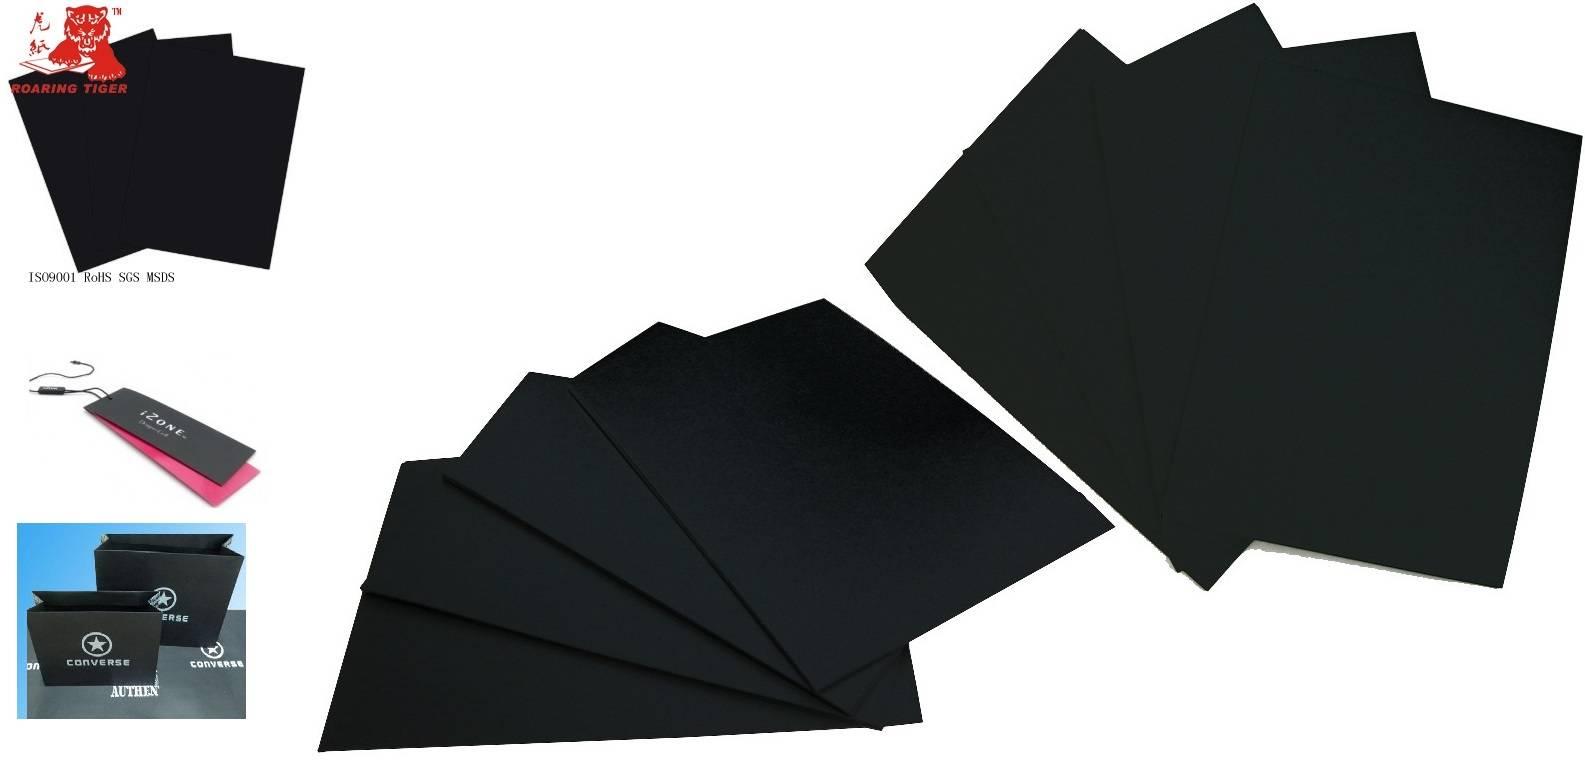 Black paper/board/laminated cardboard/paperboard 1300g 1350g 1400g 1450g 1500g 1550g 1600g 1650g 170